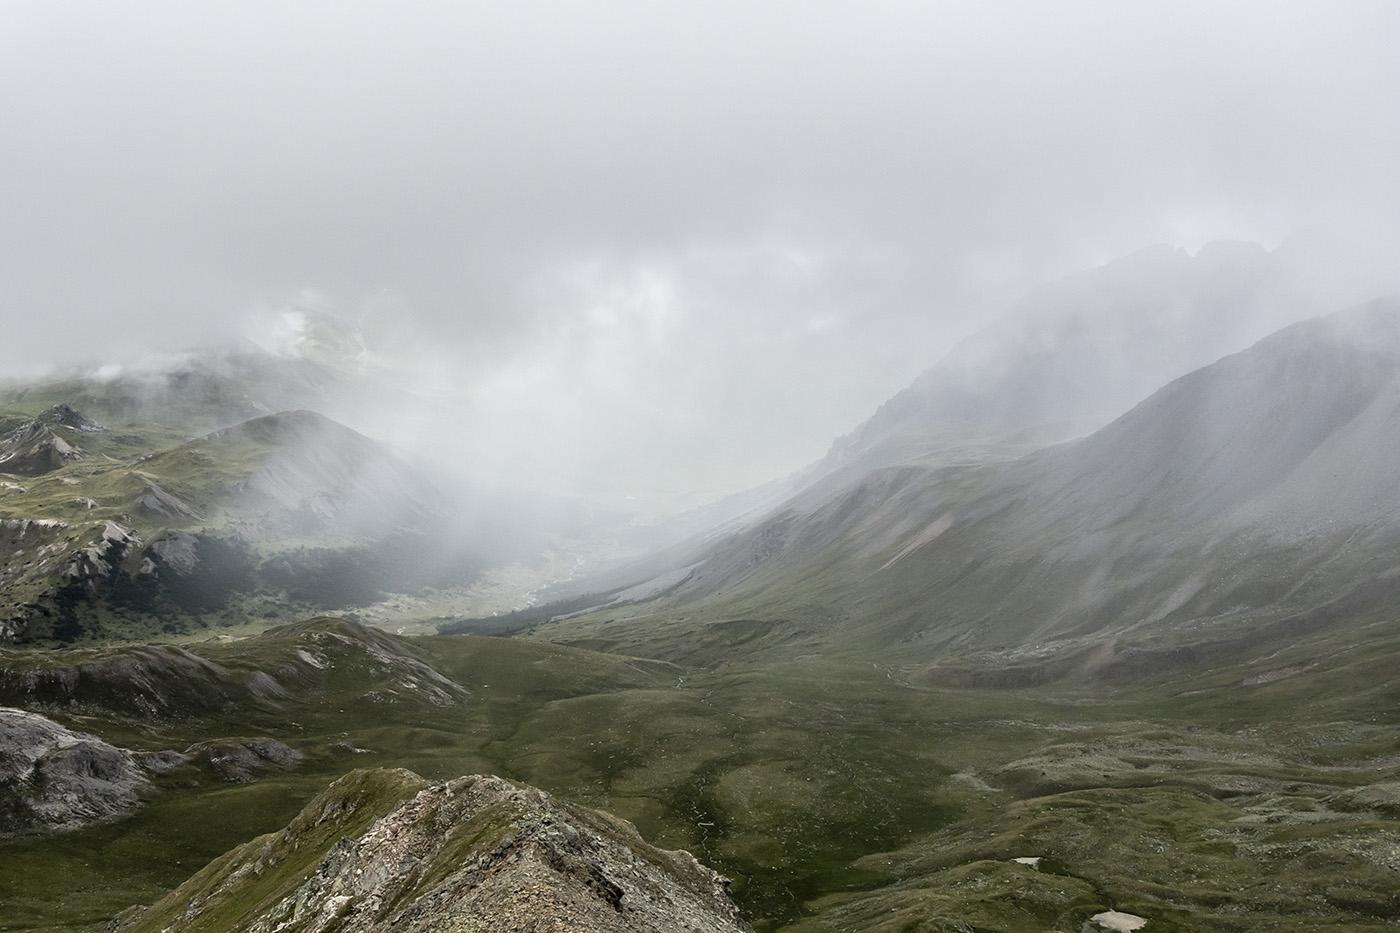 Wanderwoche Val Muestair, Pz Terza, 12. - 19. Juli 2020 © Valerie Chetelat